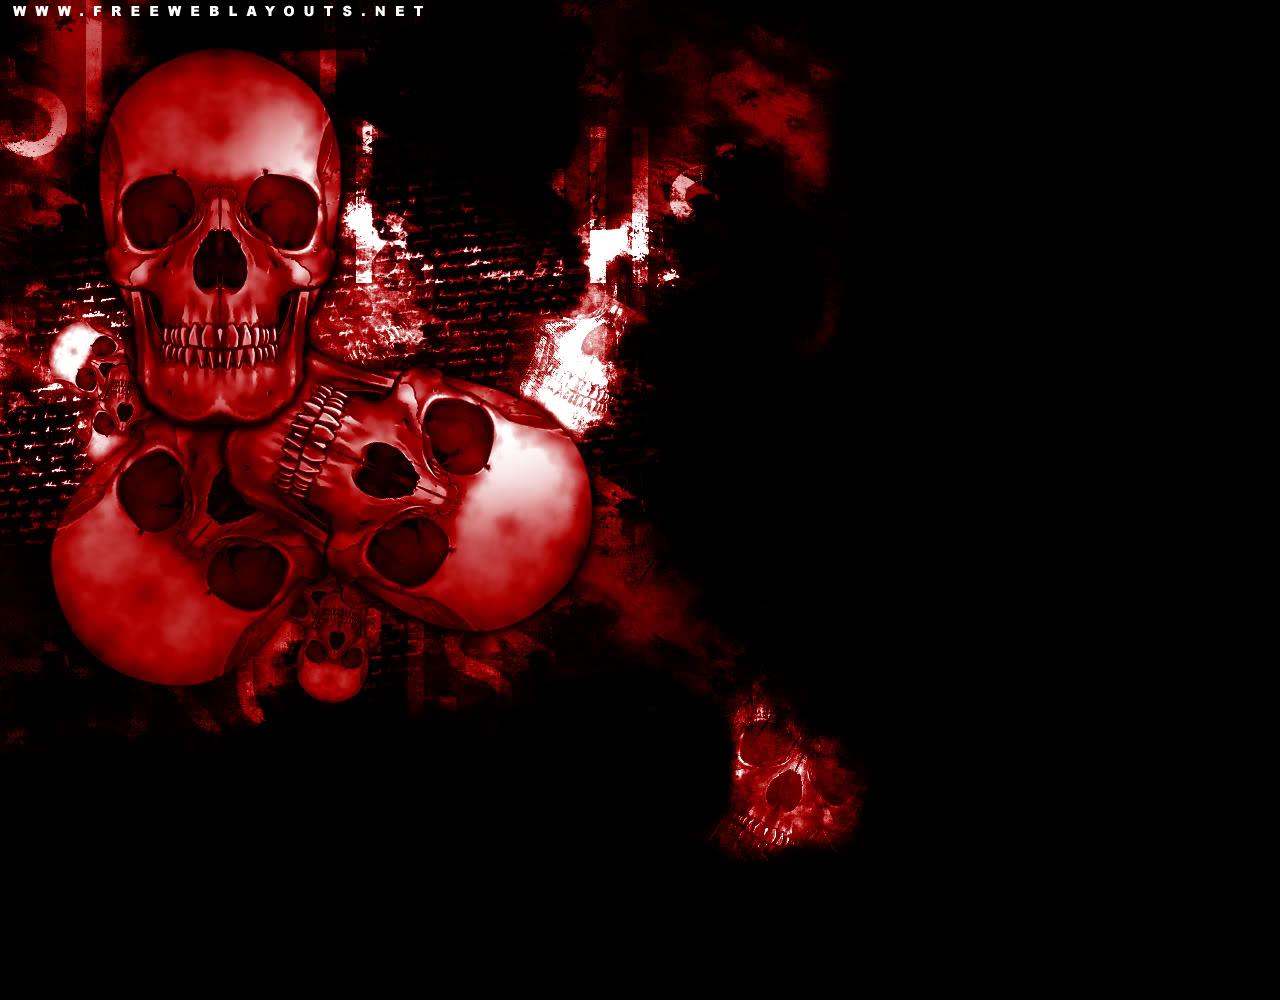 Red Skull Wallpaper Hd Red skull hd wallpapers red CALAVERAS